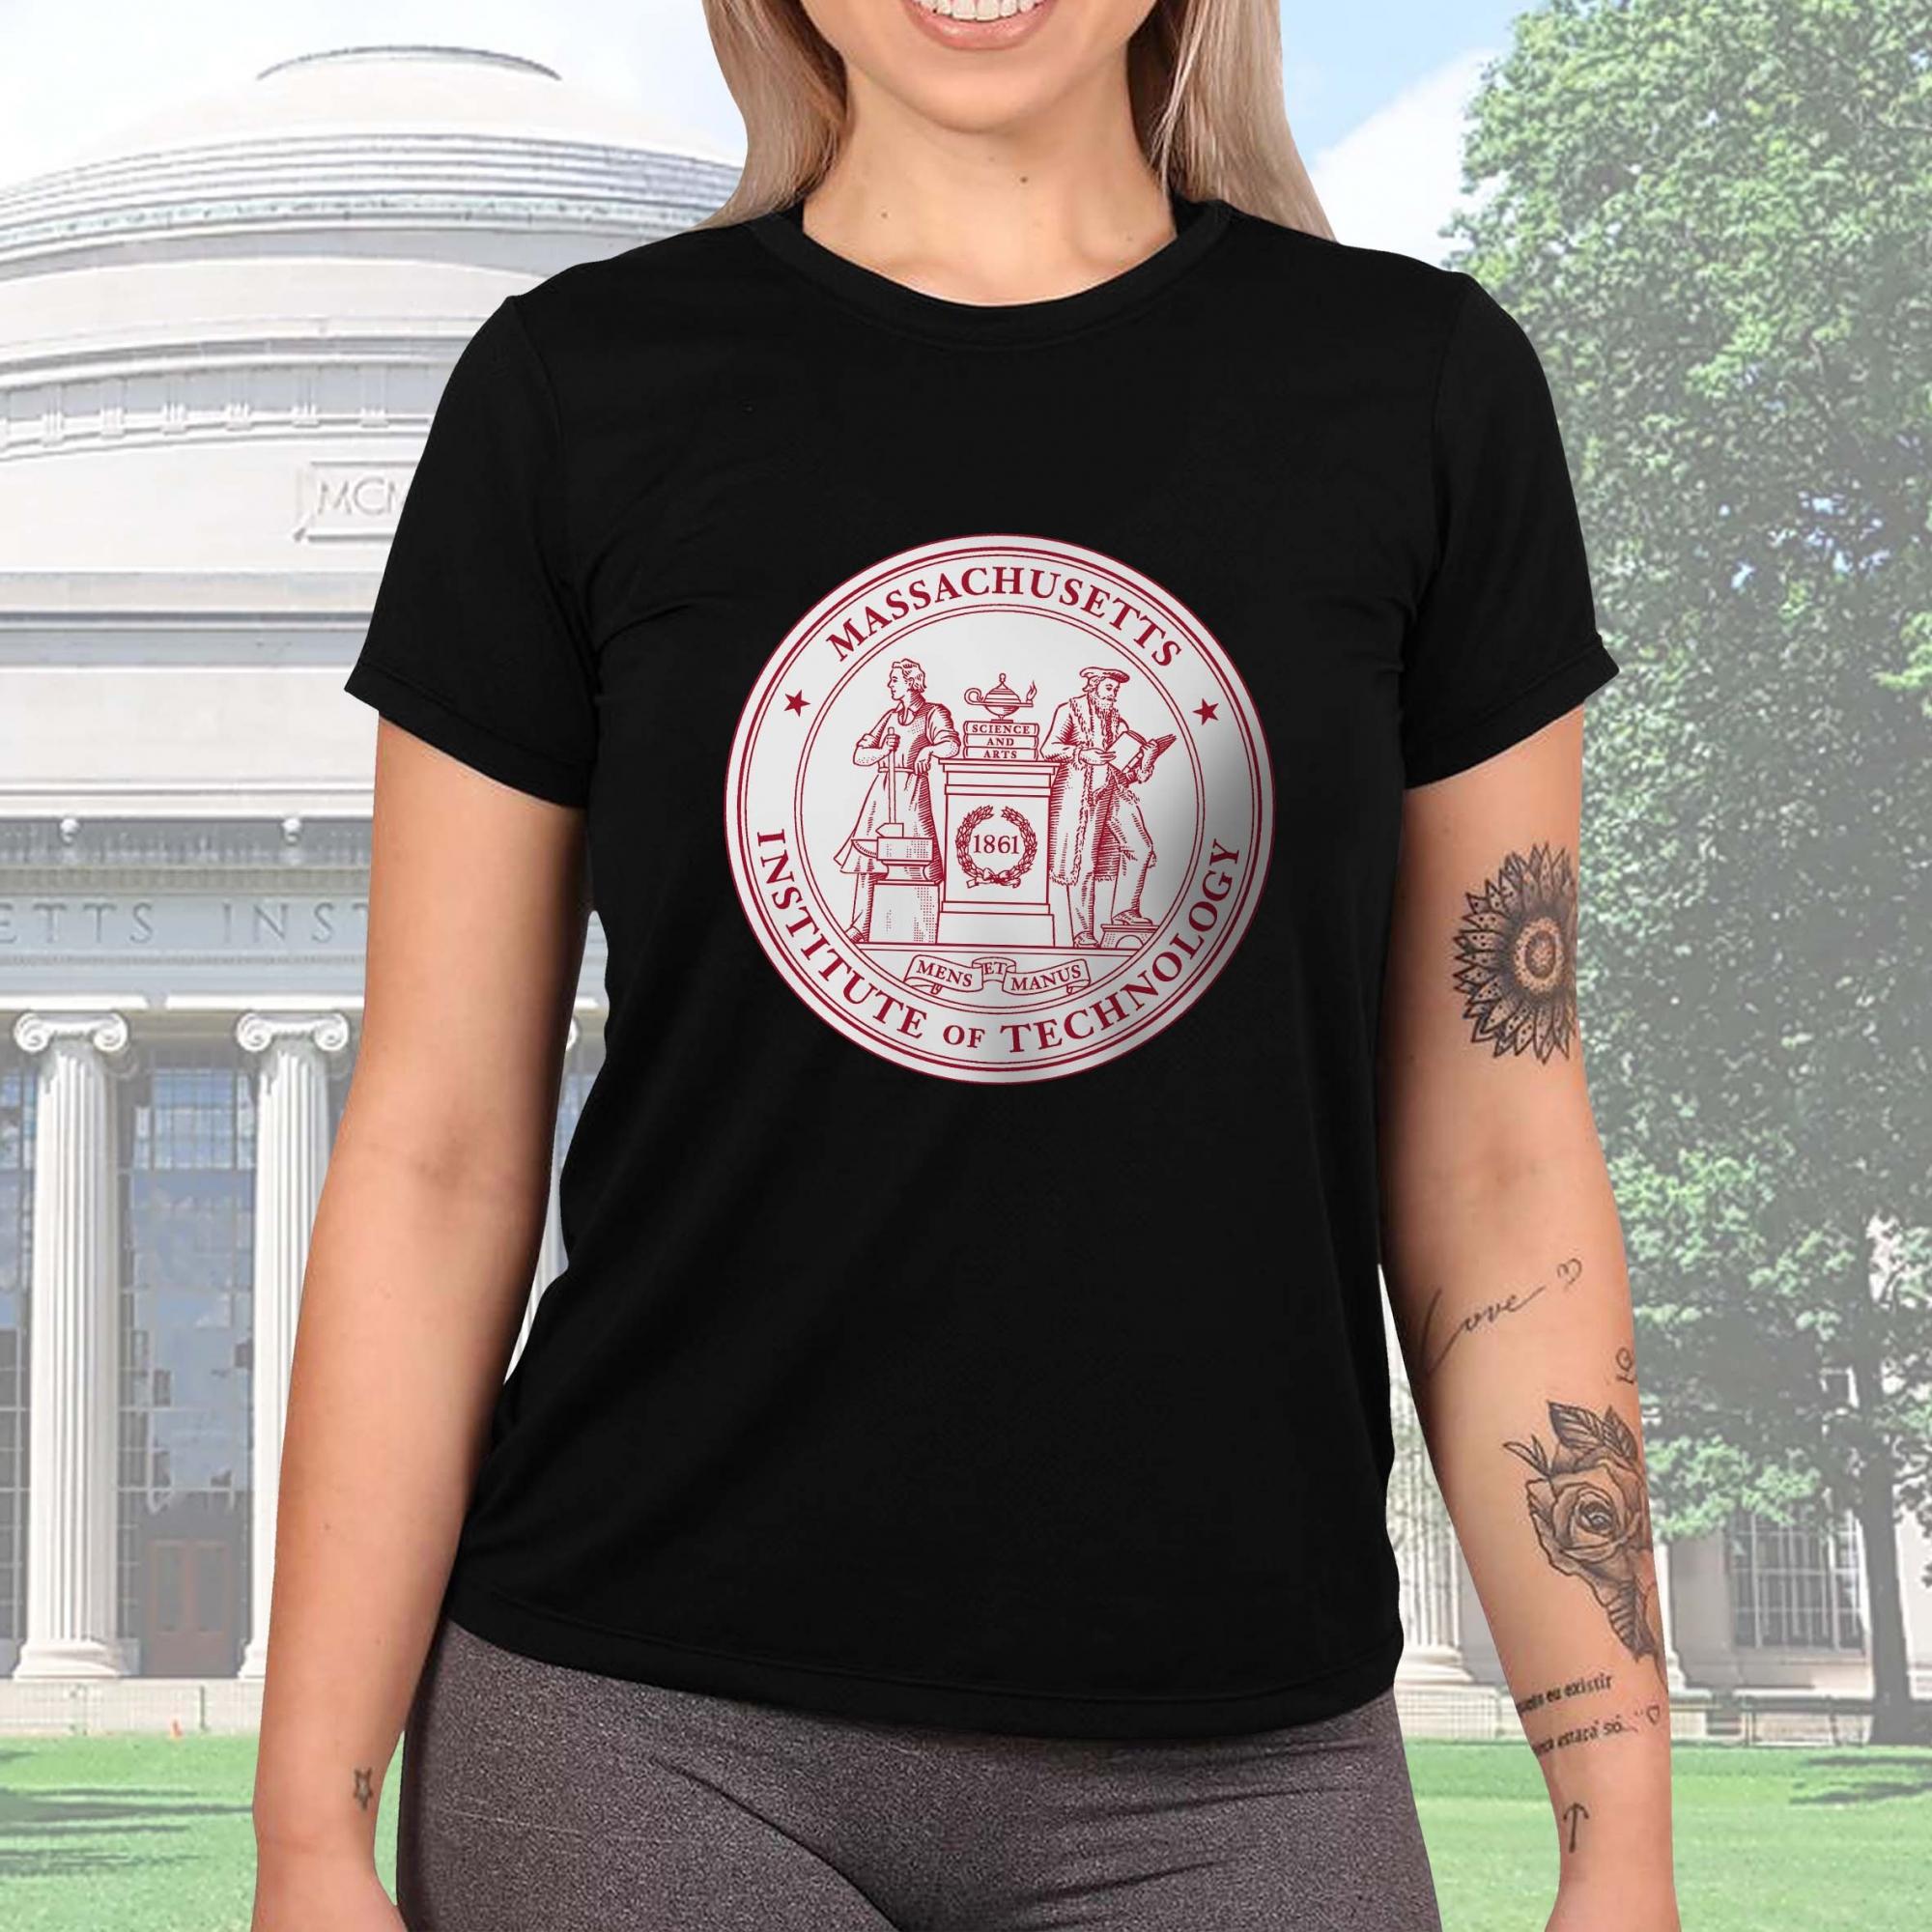 Camiseta Feminina Unissex Instituto de Tecnologia de Massachusetts Institute of Technology Cambridge (Preta) - EV